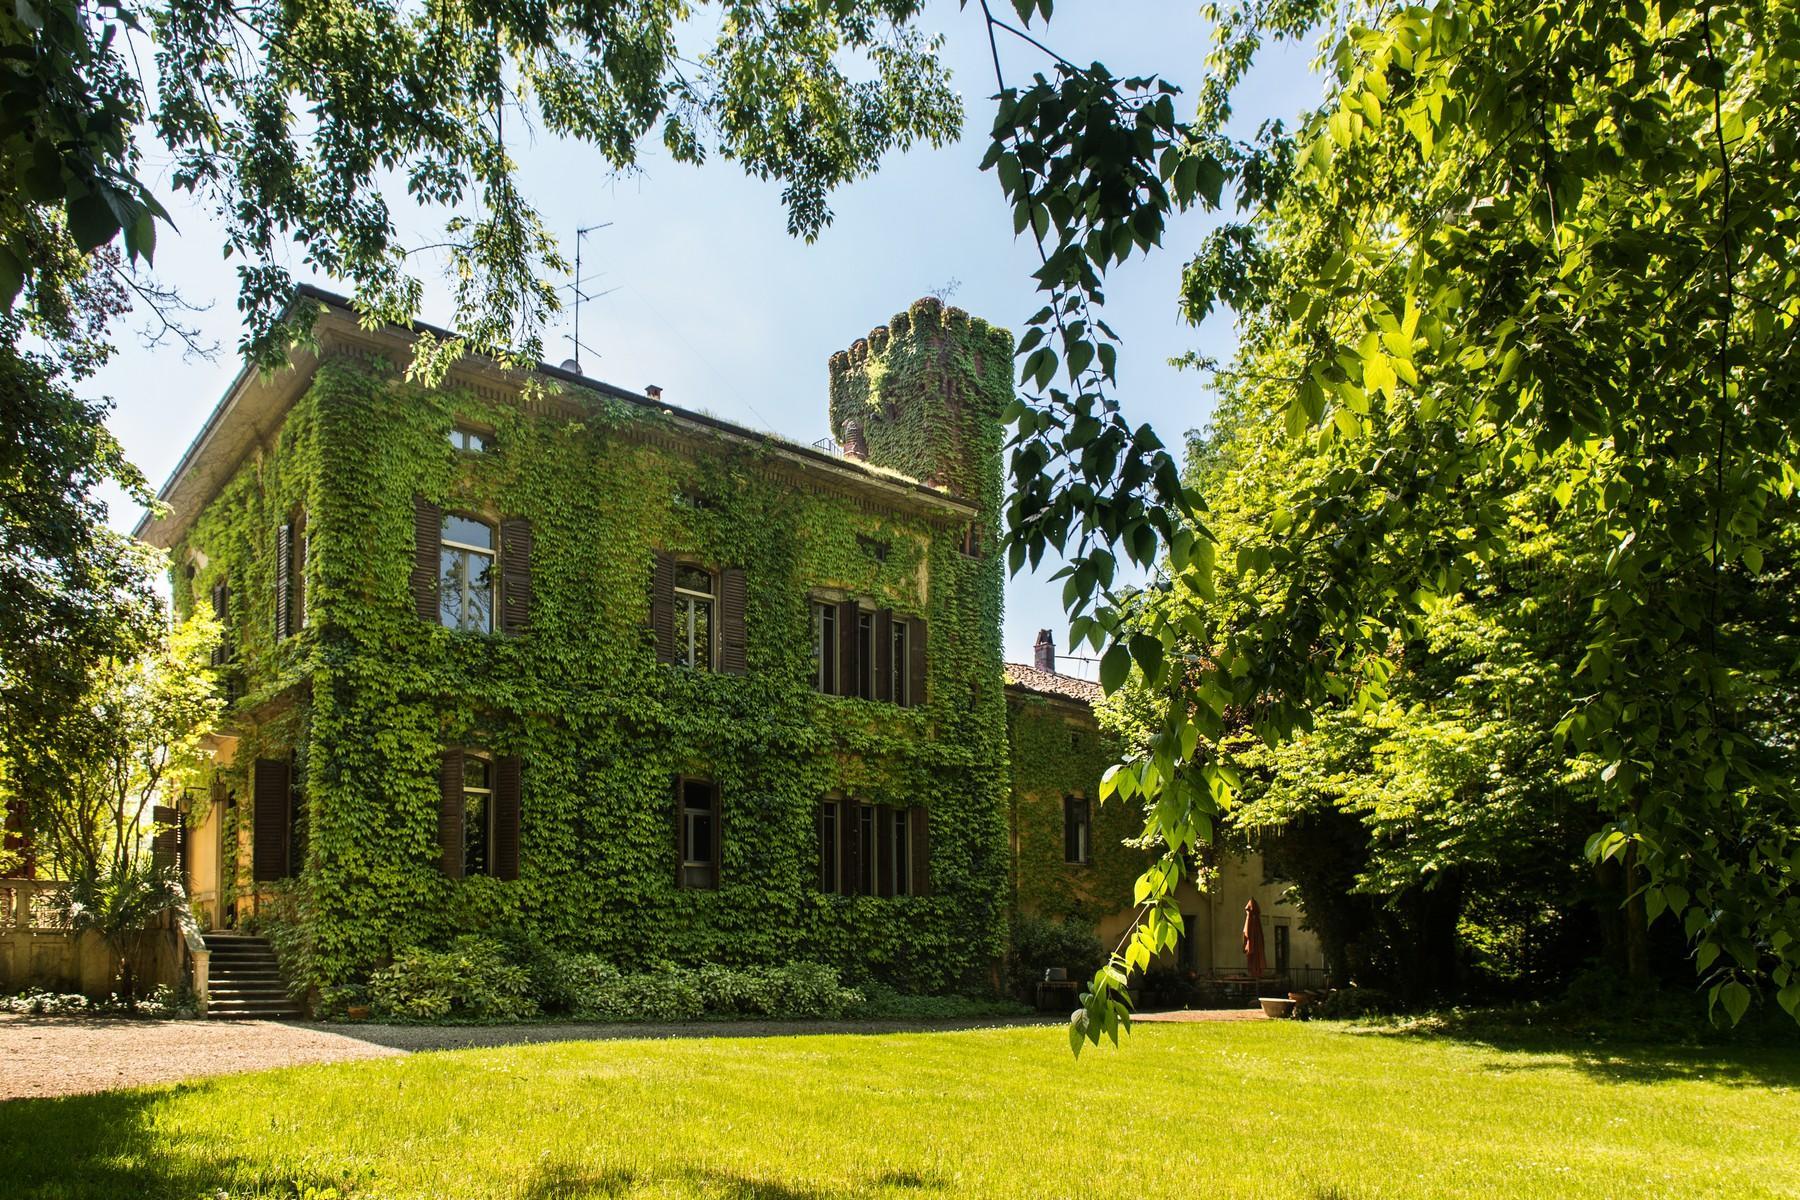 位于Cremona乡村内且拥有大公园的历史久远的别墅 - 10